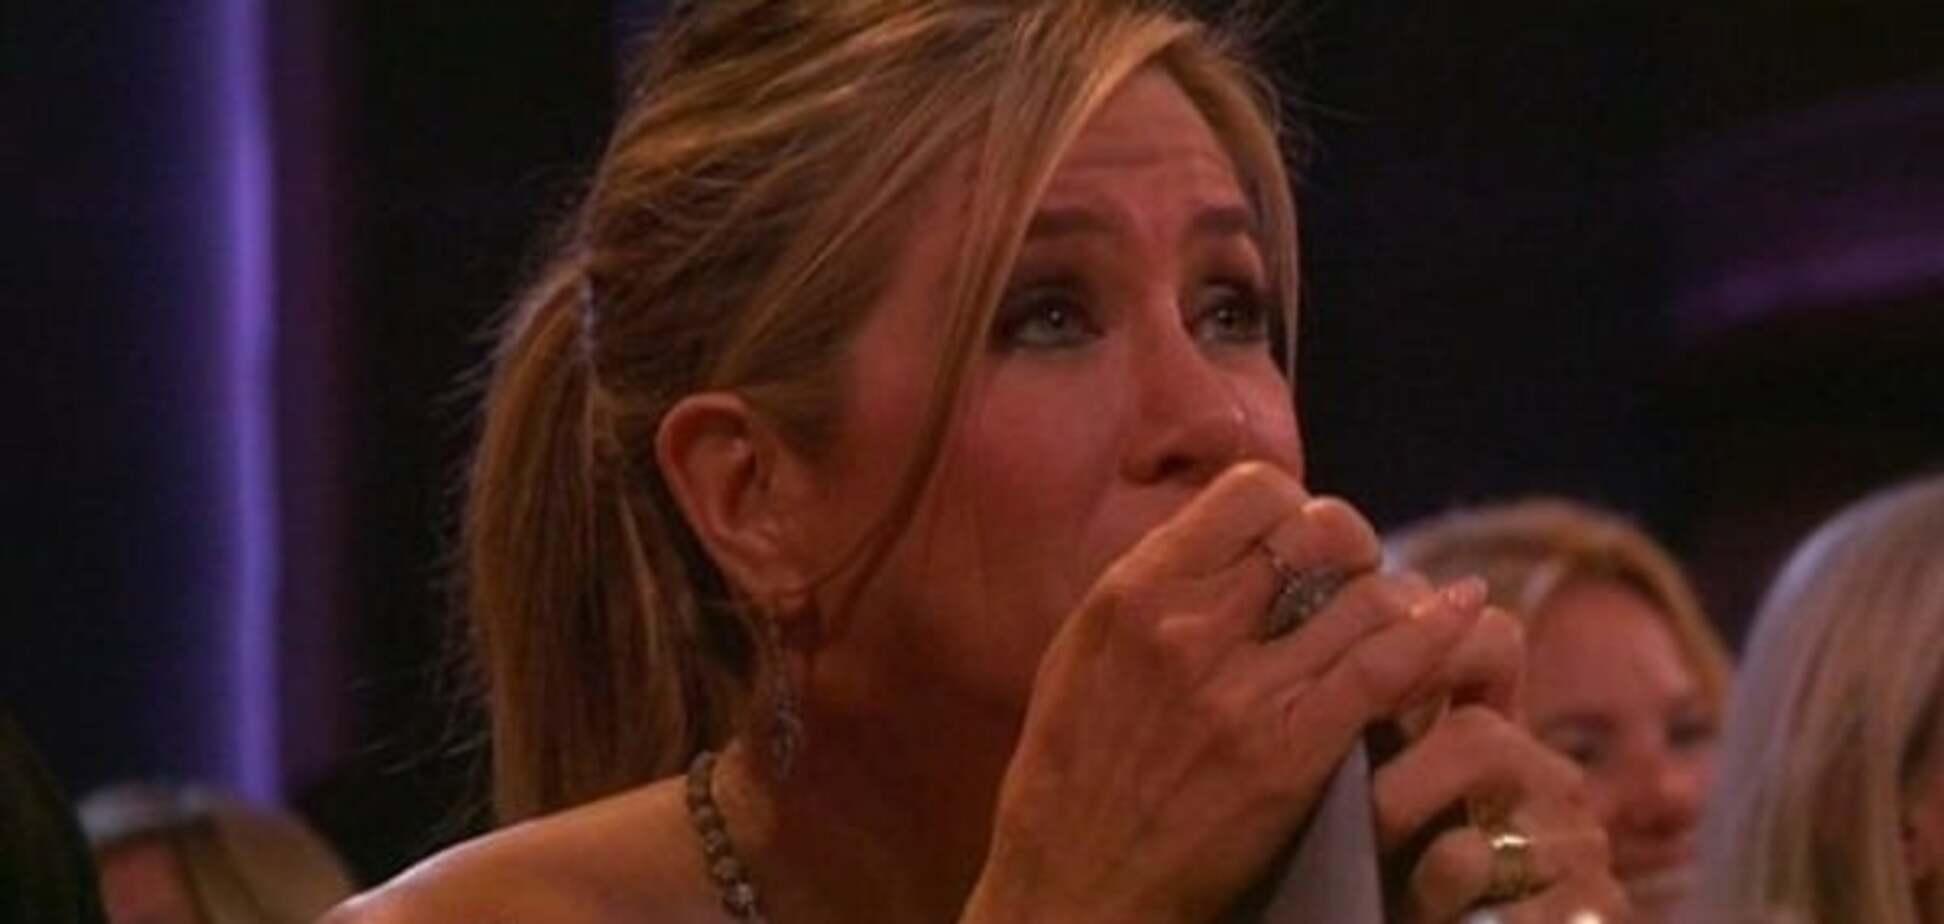 Дженнифер Энистон расплакалась на воссоединении актеров сериала 'Друзья'